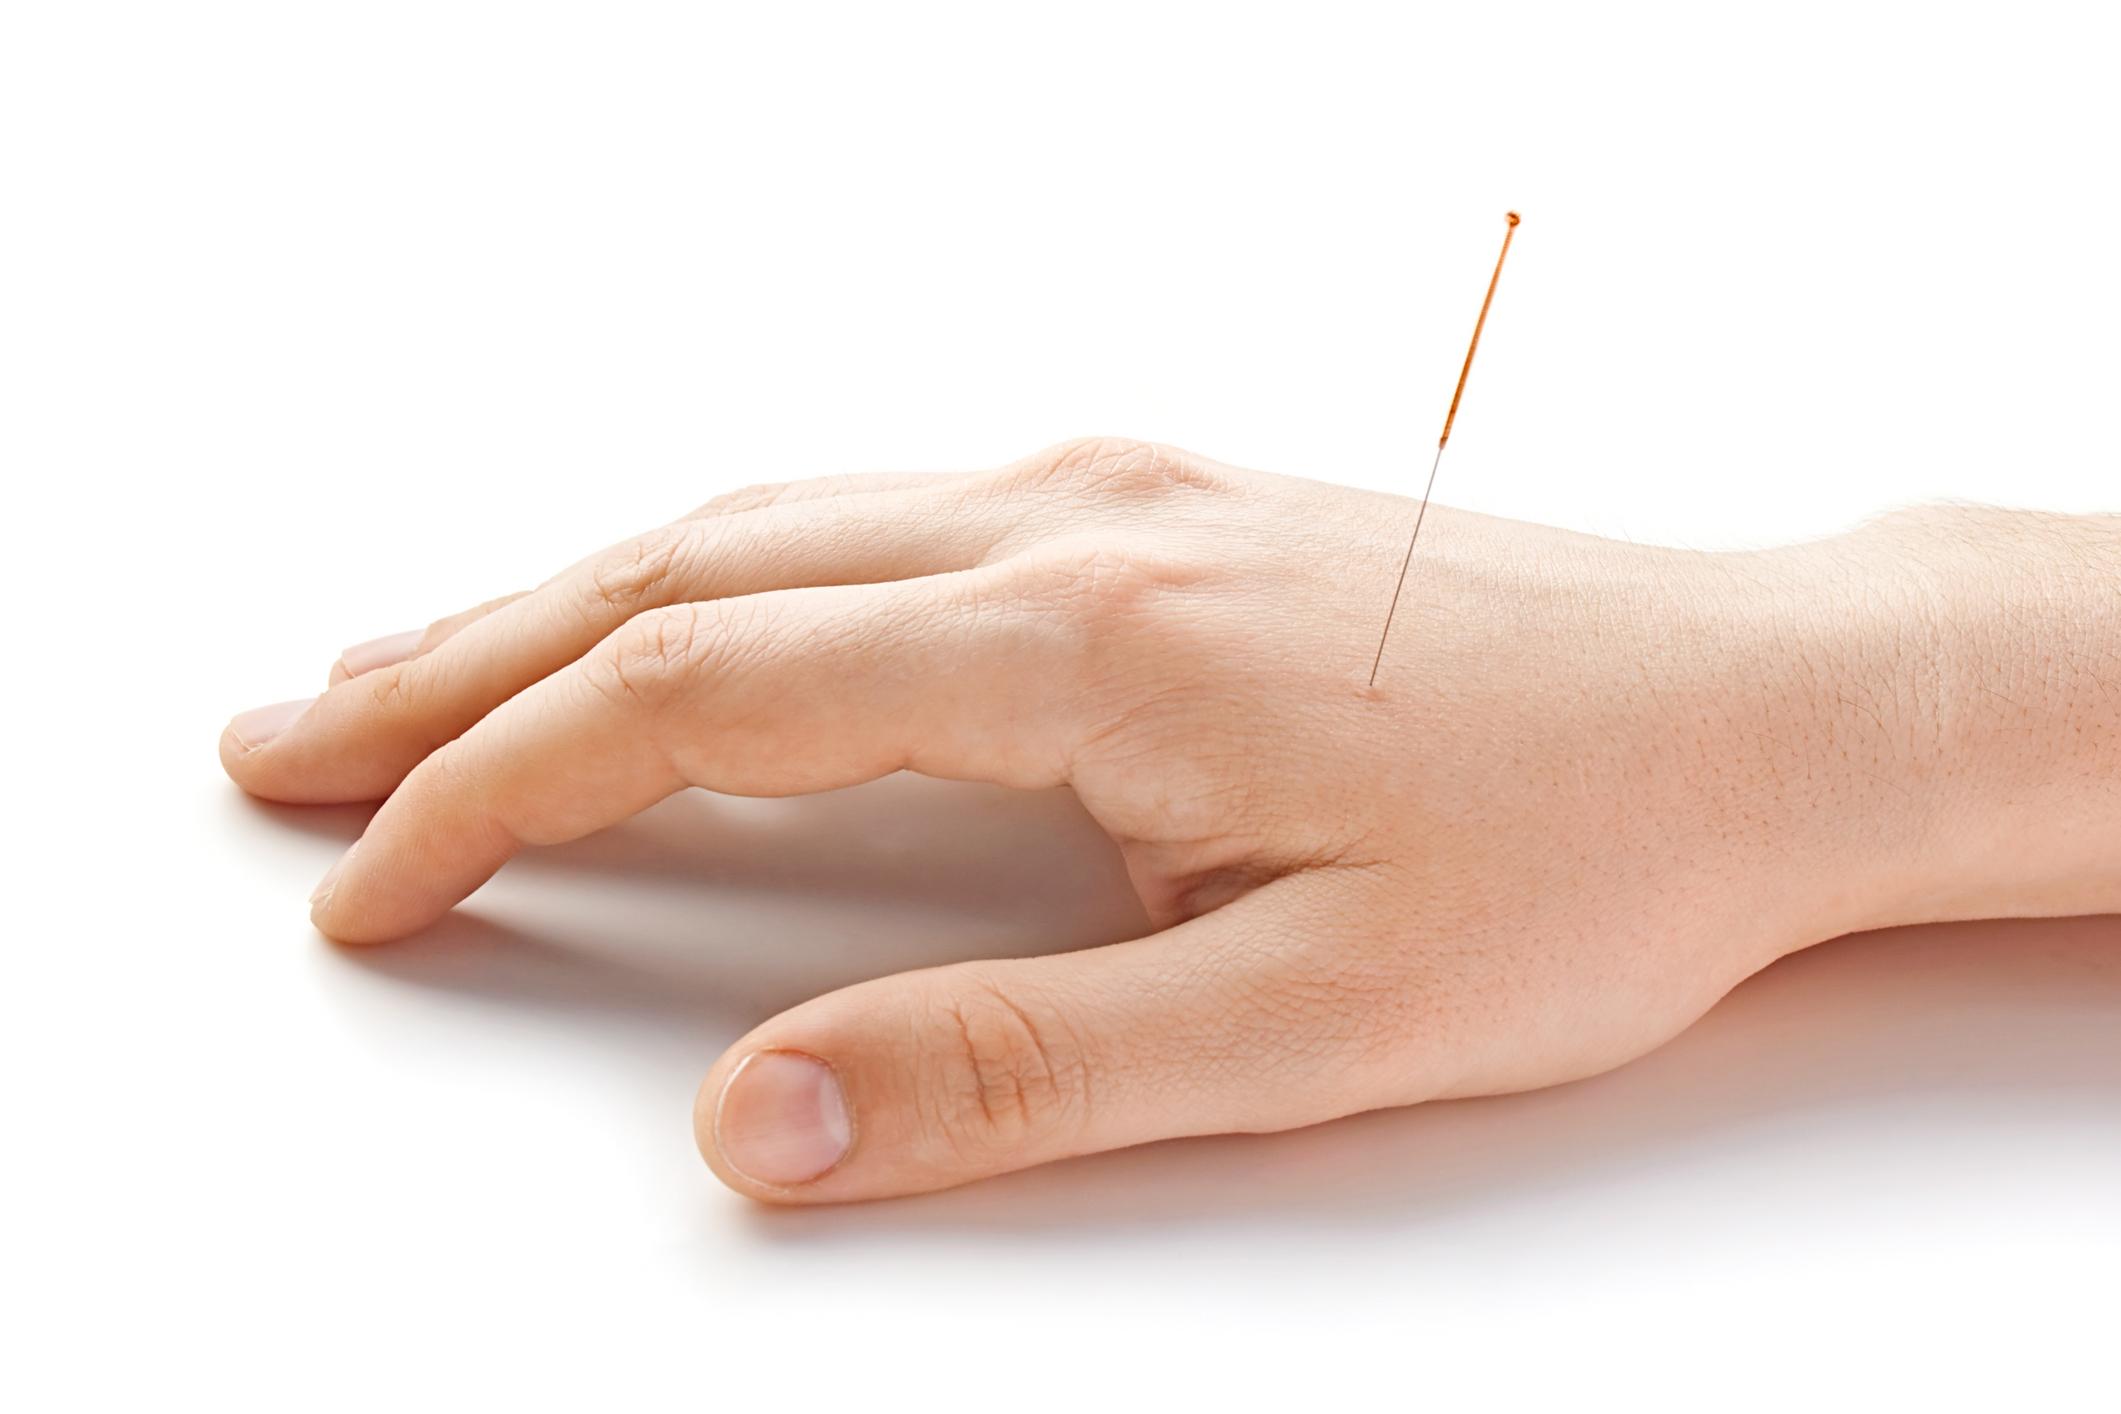 روشی نوین در طب سوزنی: طب سوزنی ایمپلنت